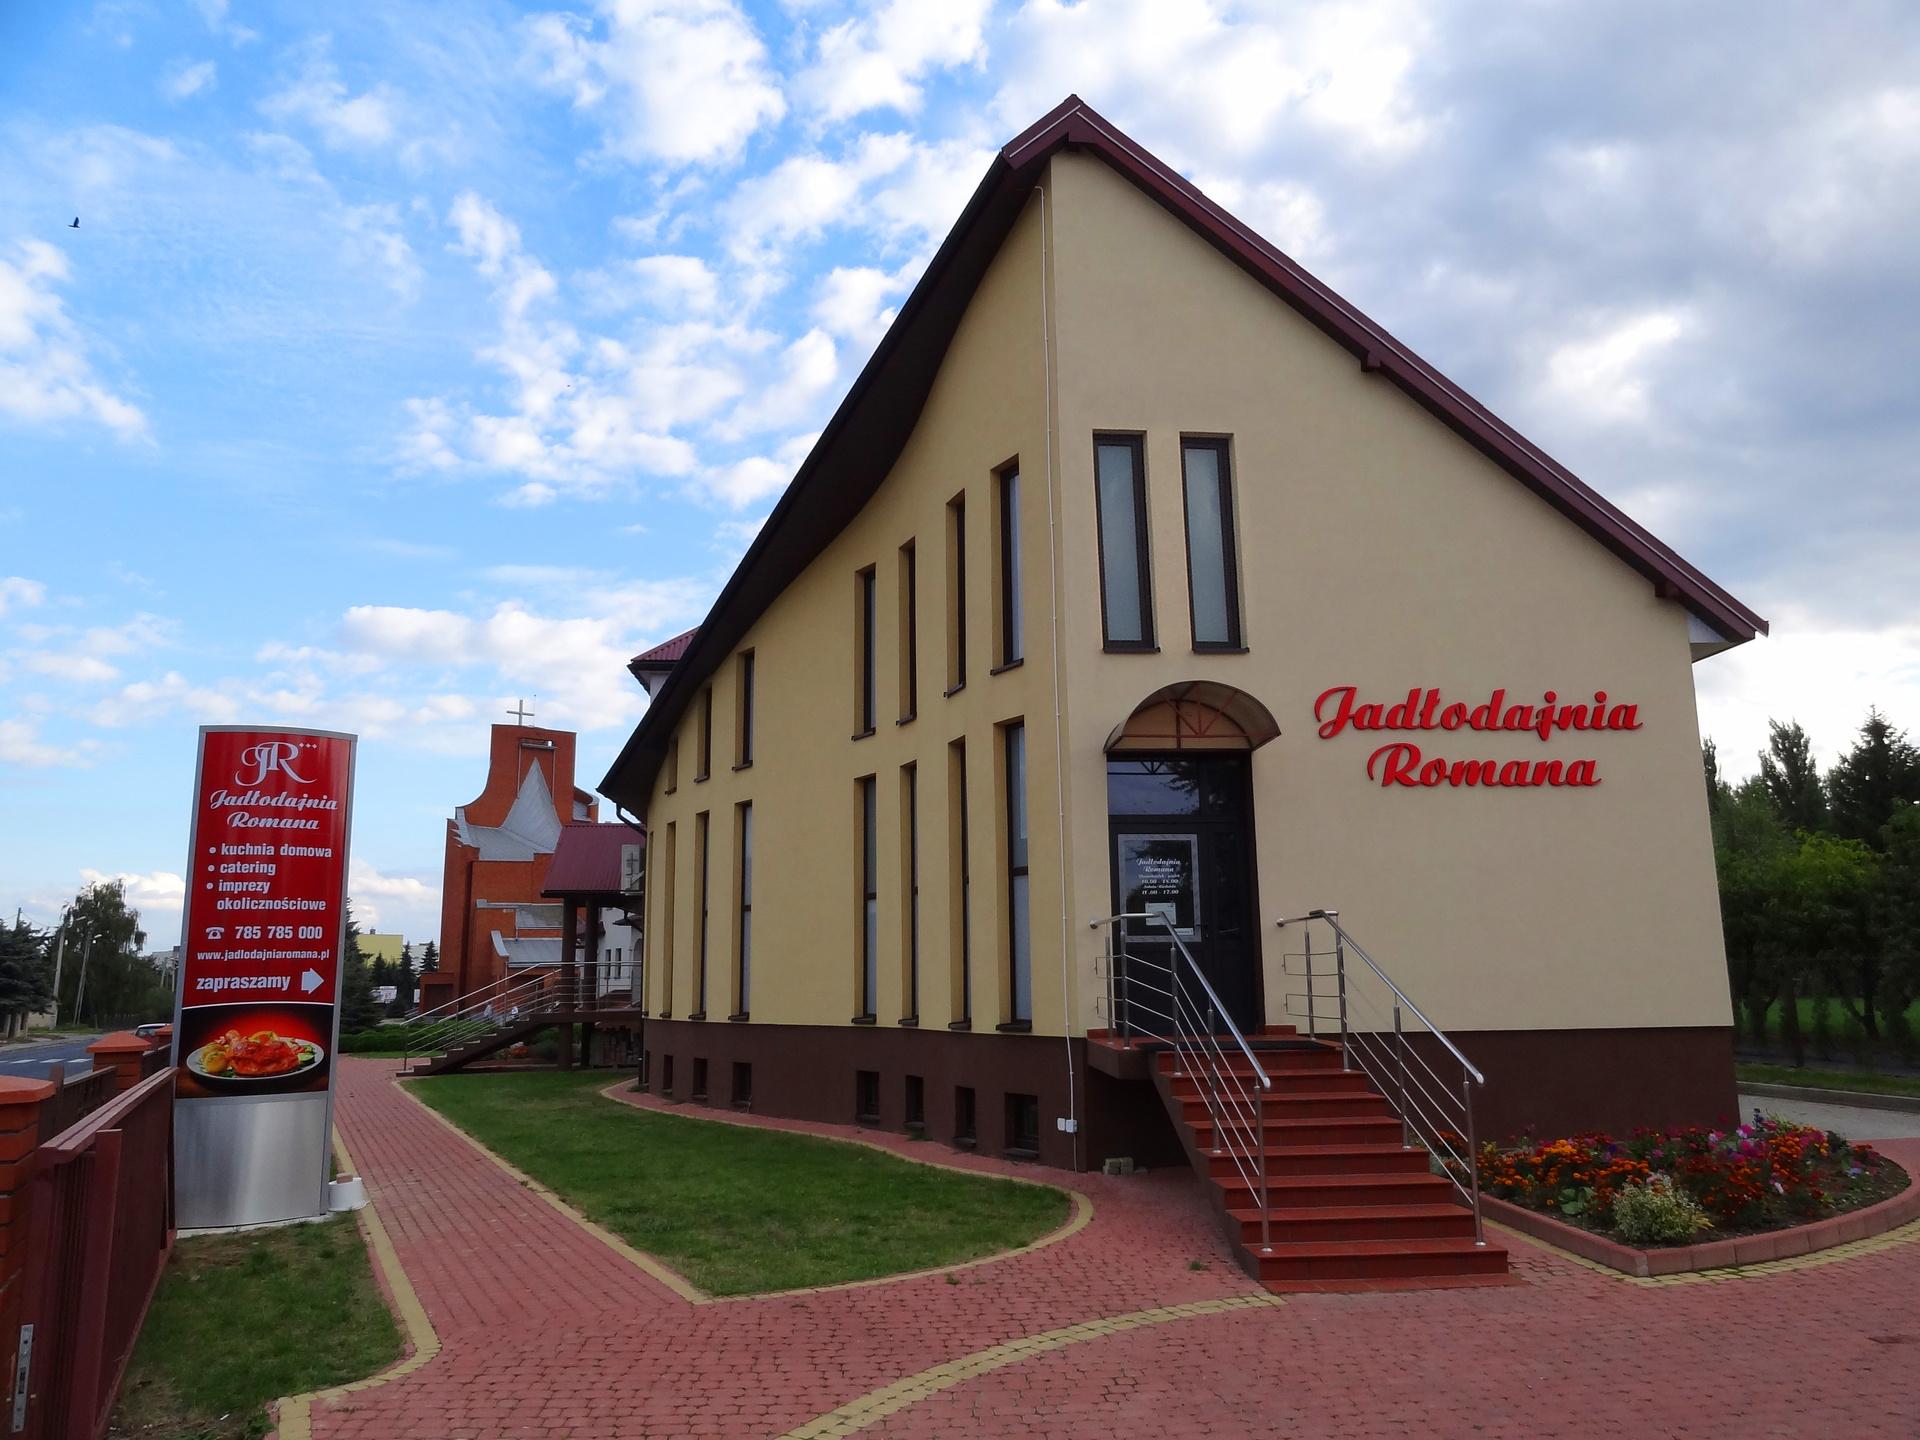 Jadłodajnia Romana Gdzie Zjeść Sandomierz Travel